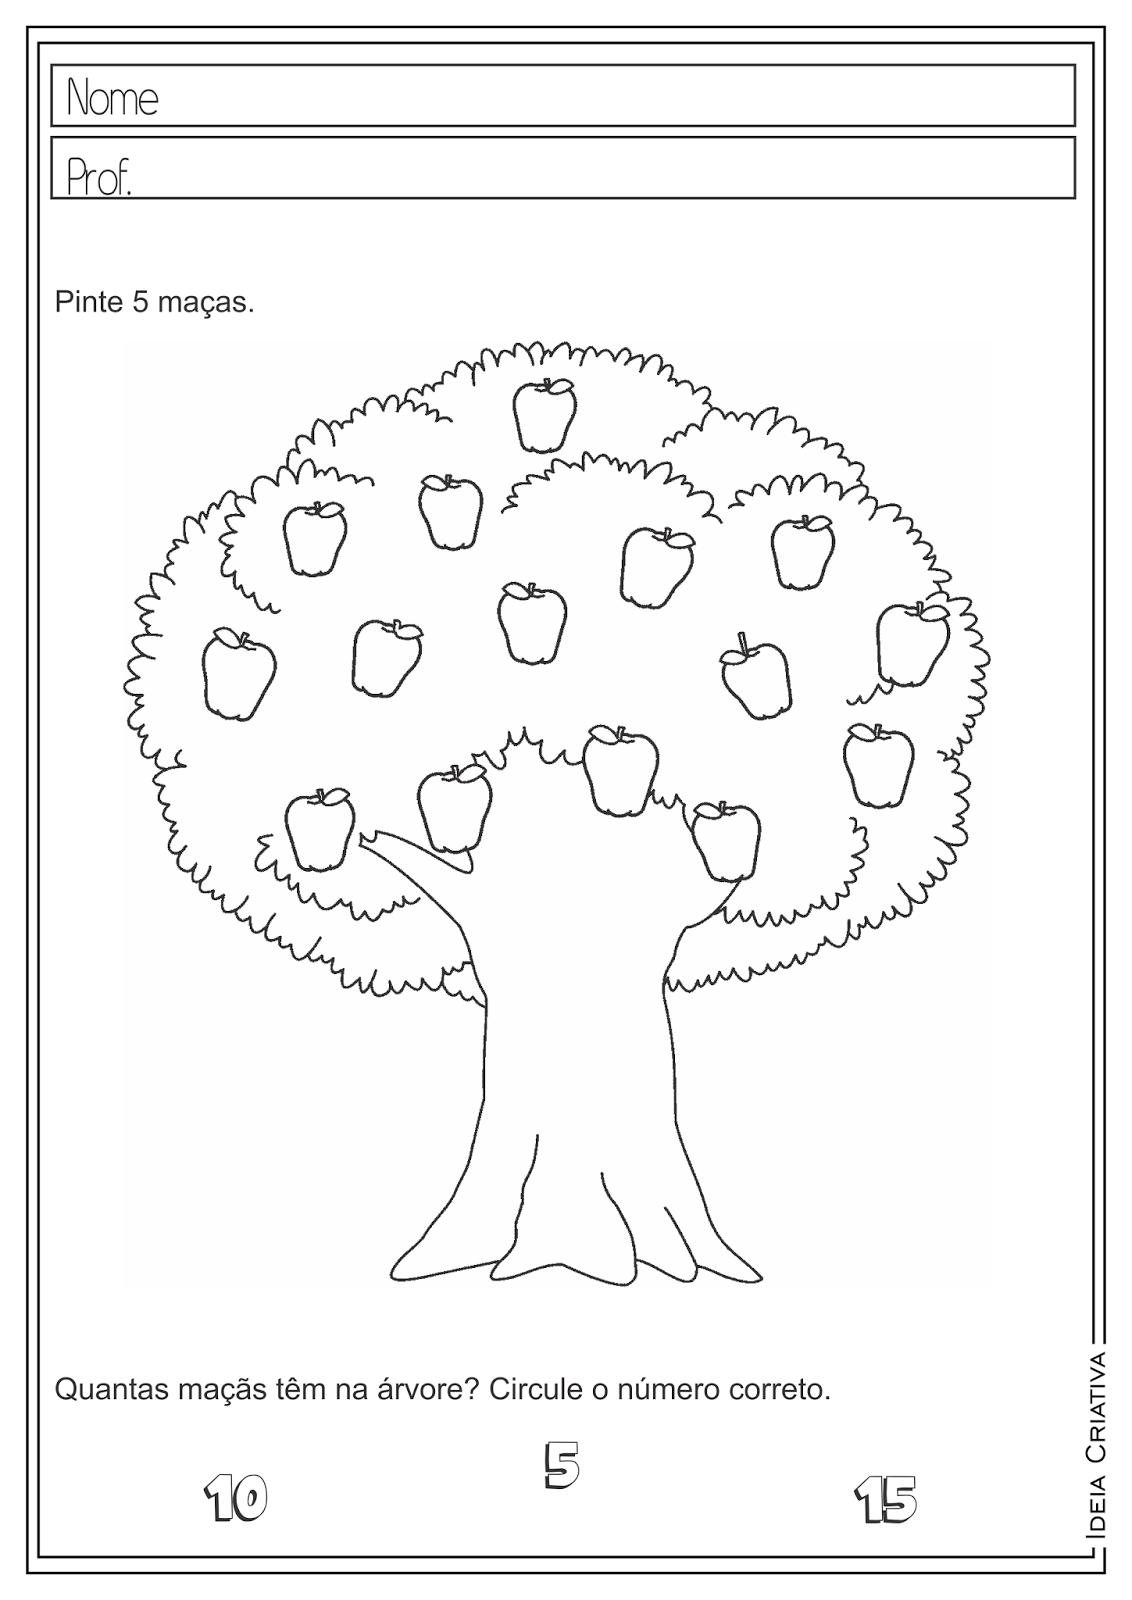 Atividades Educativas Dia da Árvore - Produção de Texto para Ensino Fundamental